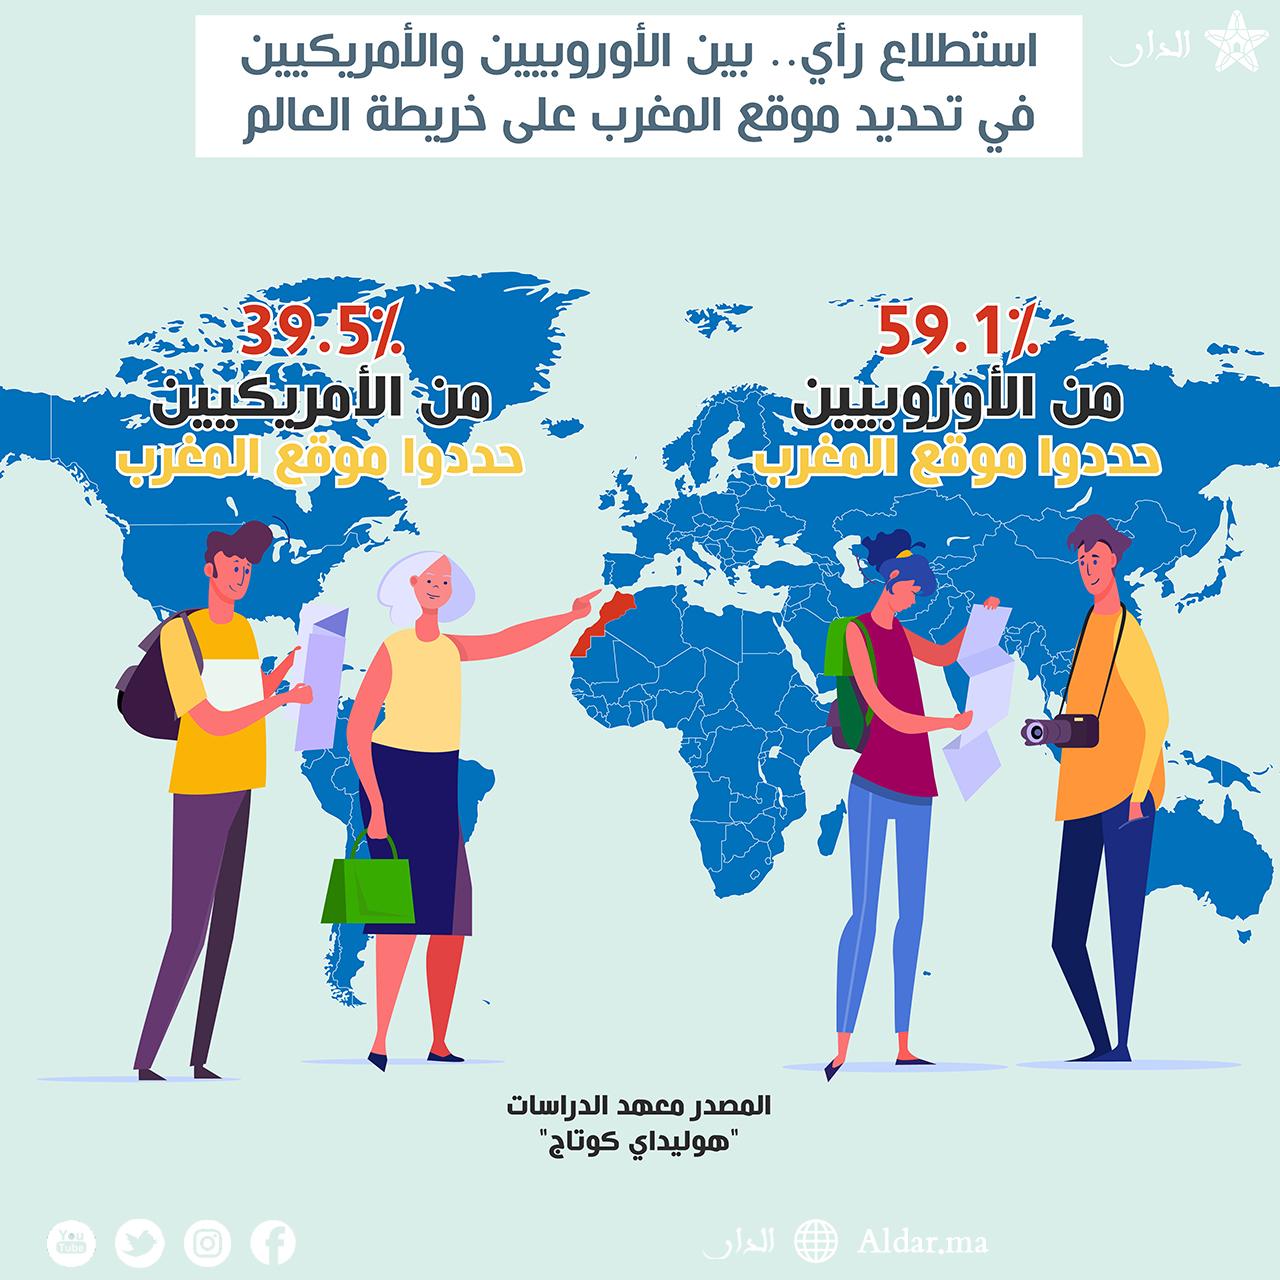 Photo of استطلاع رأي.. بين الأوروبيين والأمريكيين في تحديد موقع المغرب على خريطة العالم